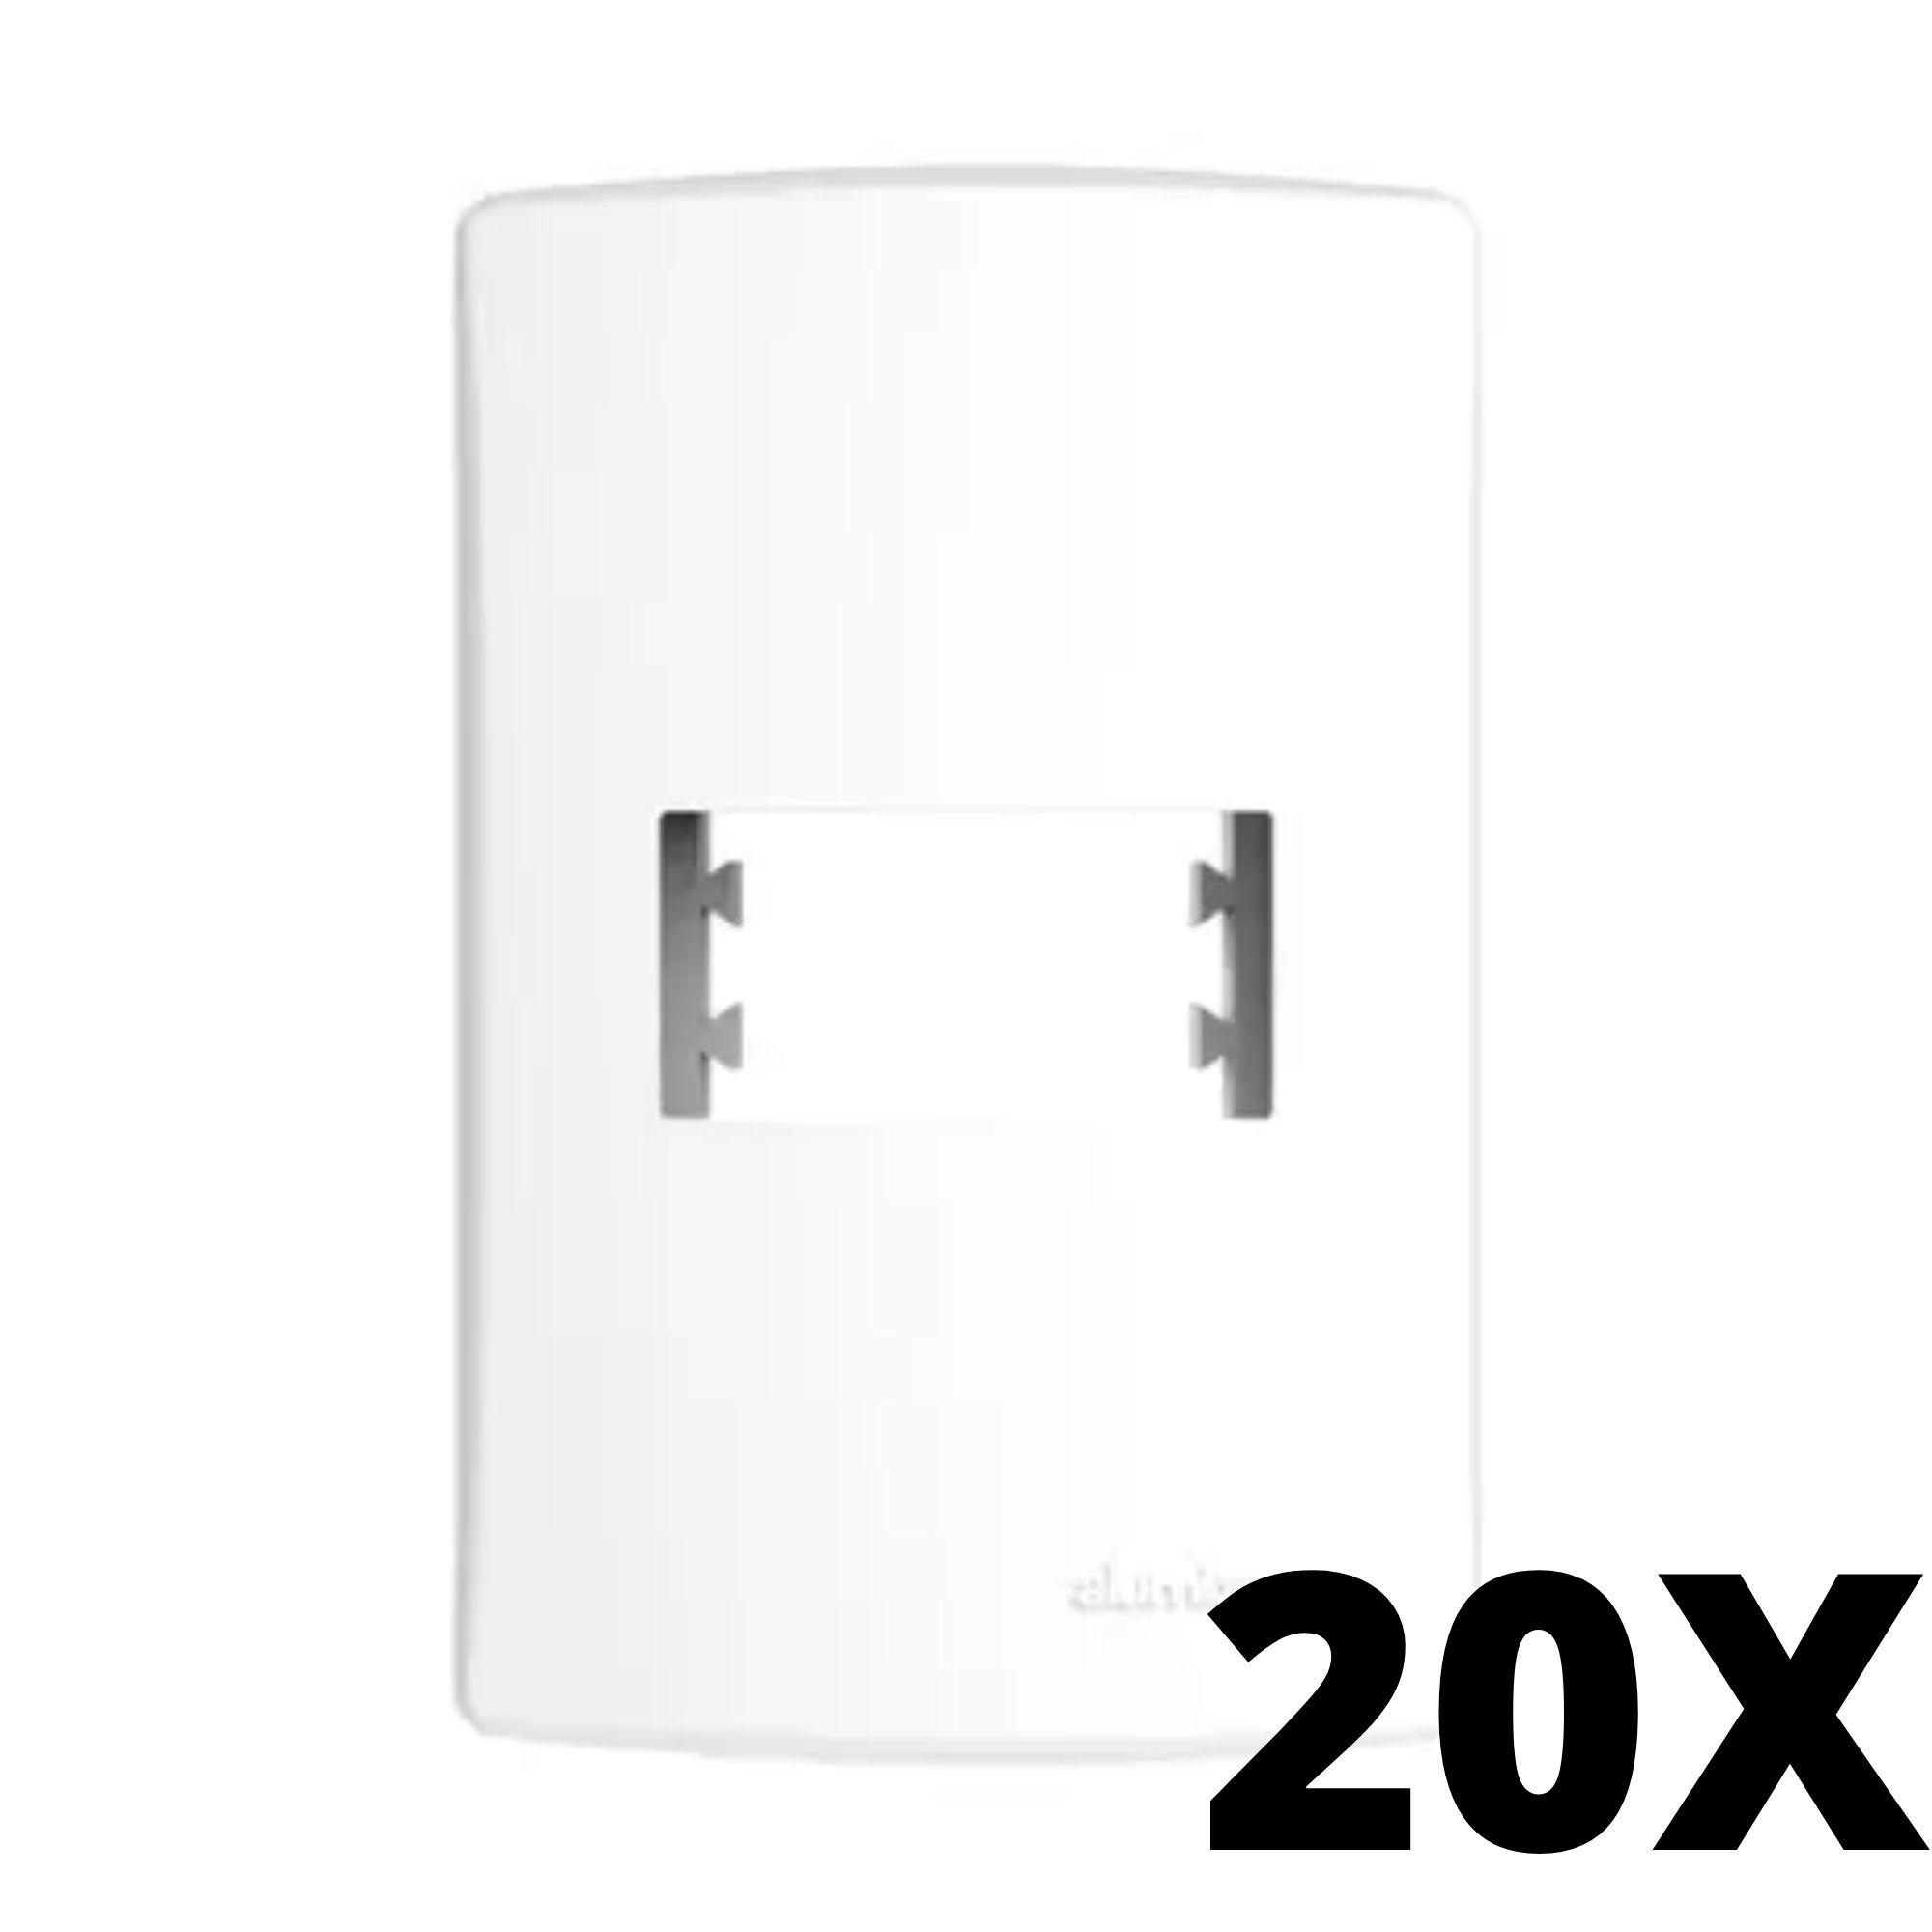 Kit 20 und Alumbra Bianco Pró Placa 4x2 1 Seção